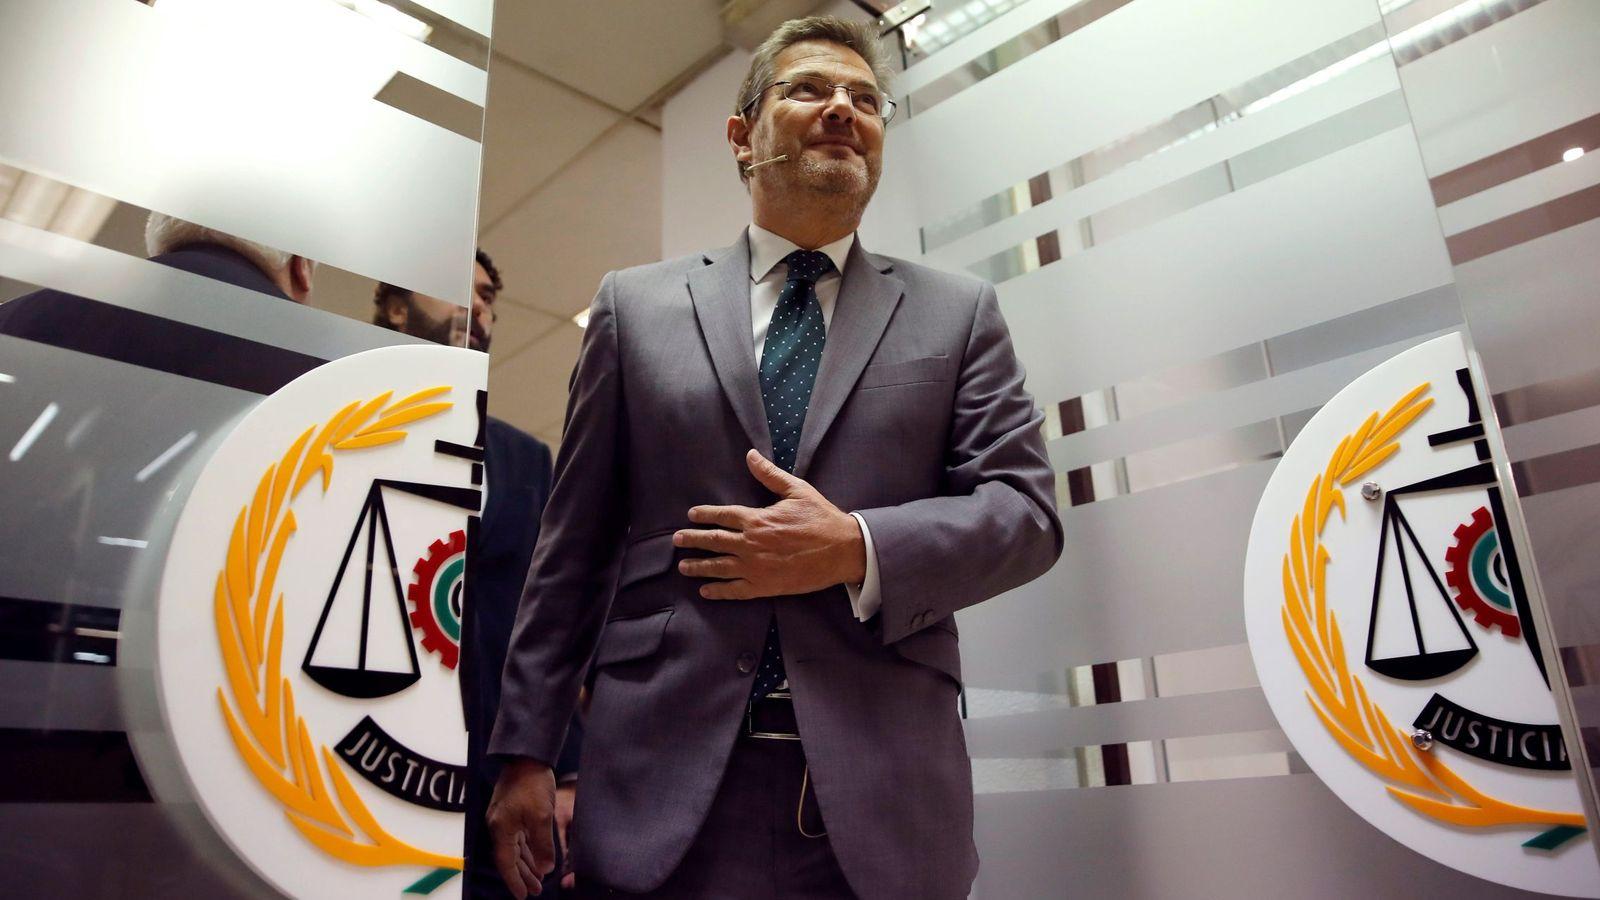 Foto: El ministro de Justicia, Rafael Catalá, en un desayuno. (EFE / Juan Carlos Hidalgo)